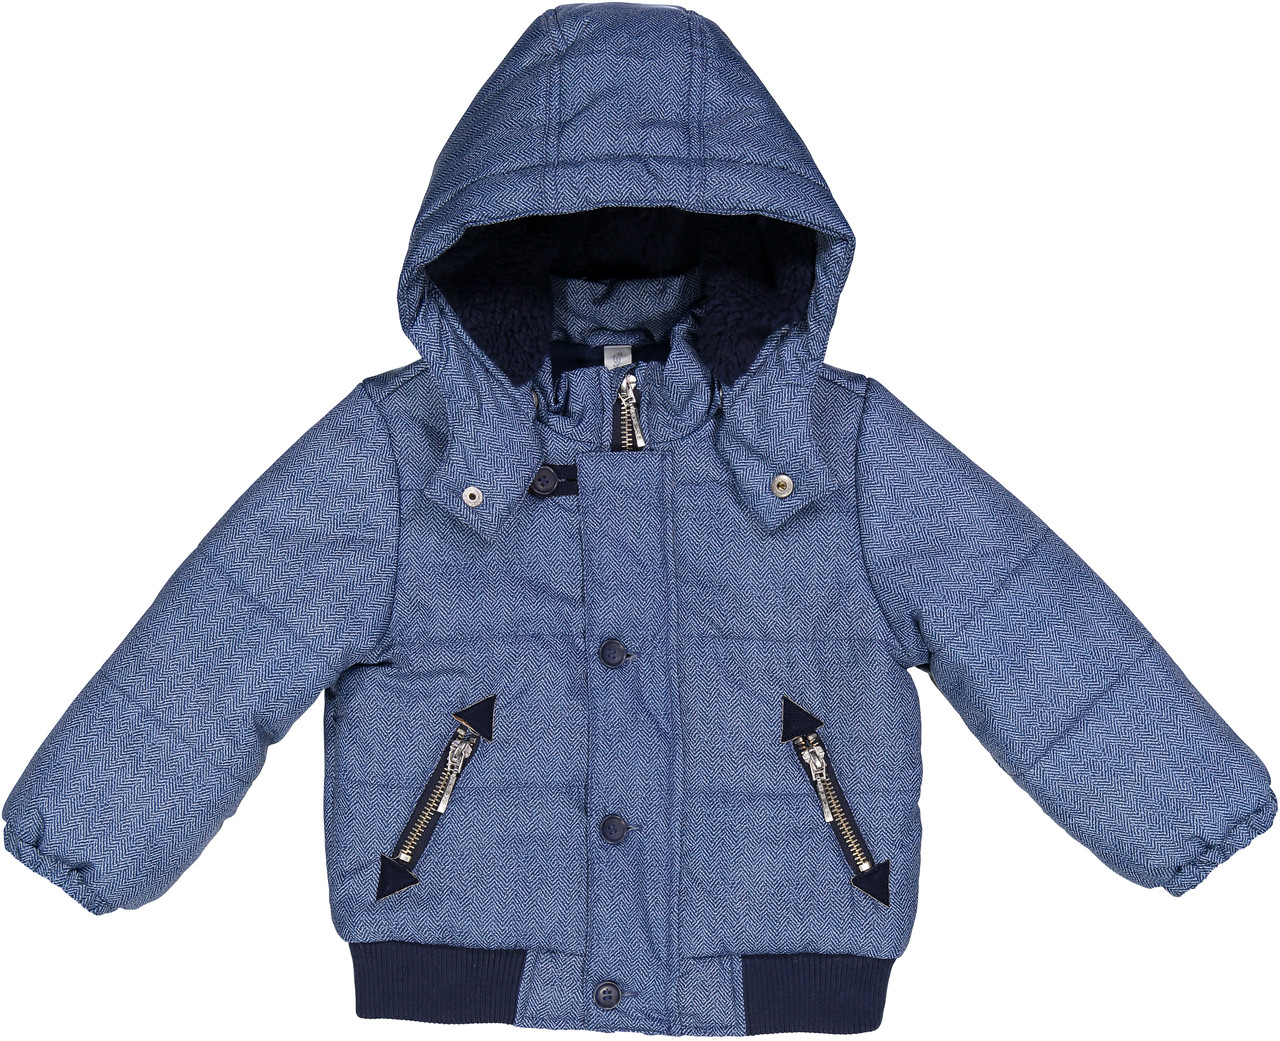 Теплая куртка для мальчиков 9-36 месяцев, Idexe', 969.37080.00